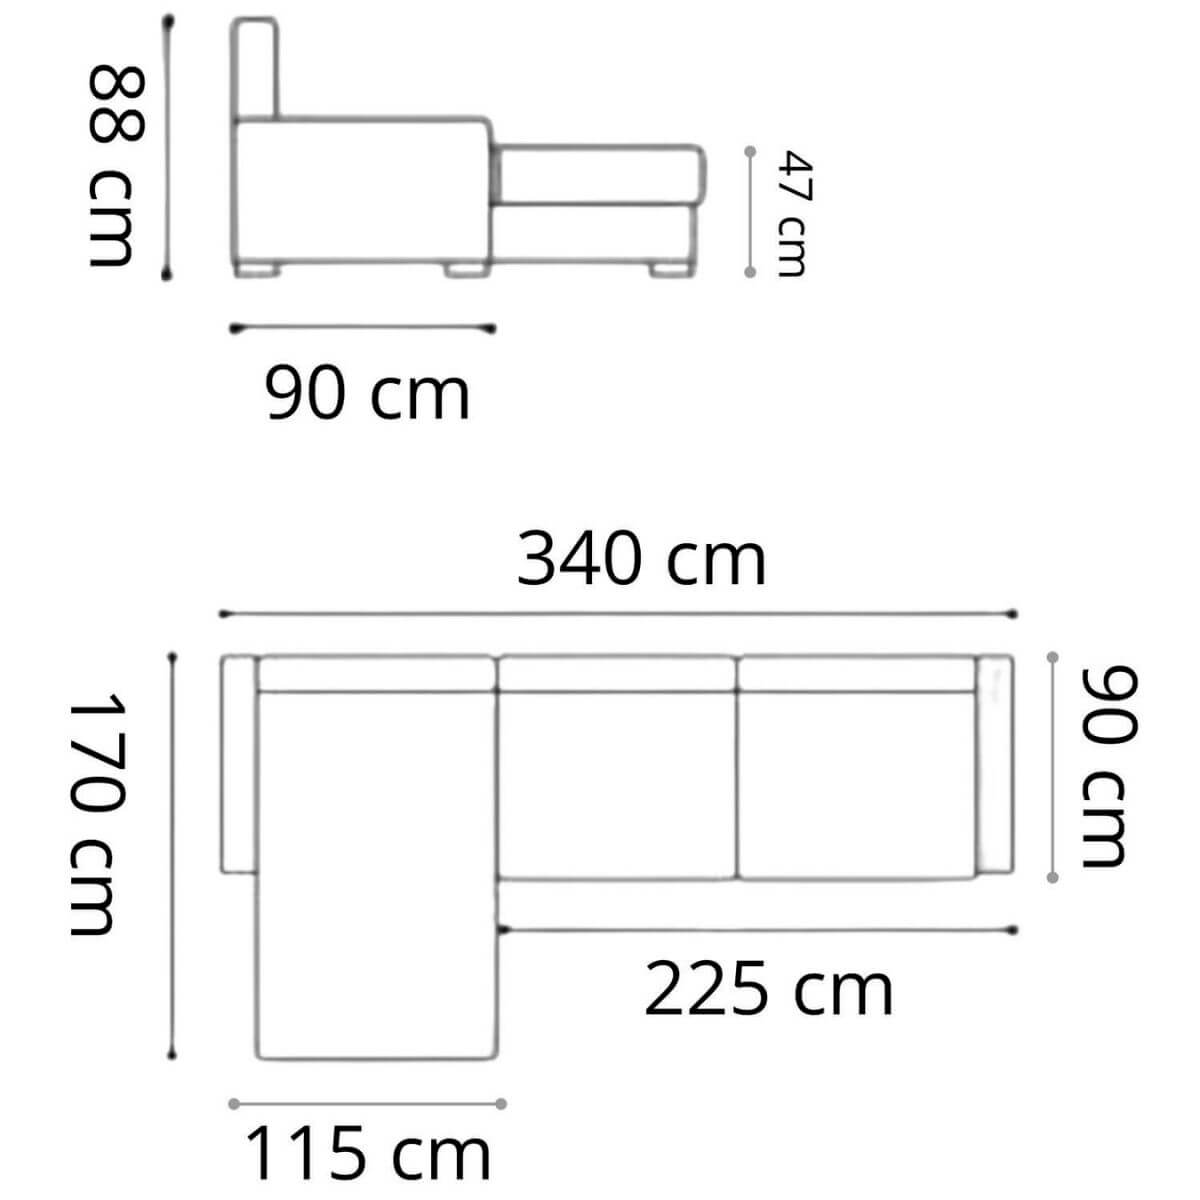 Sofá Chaise de Couro 4 Lugares 340cm Canadá LD Pronta Entrega  - Formato Móveis e Decorações